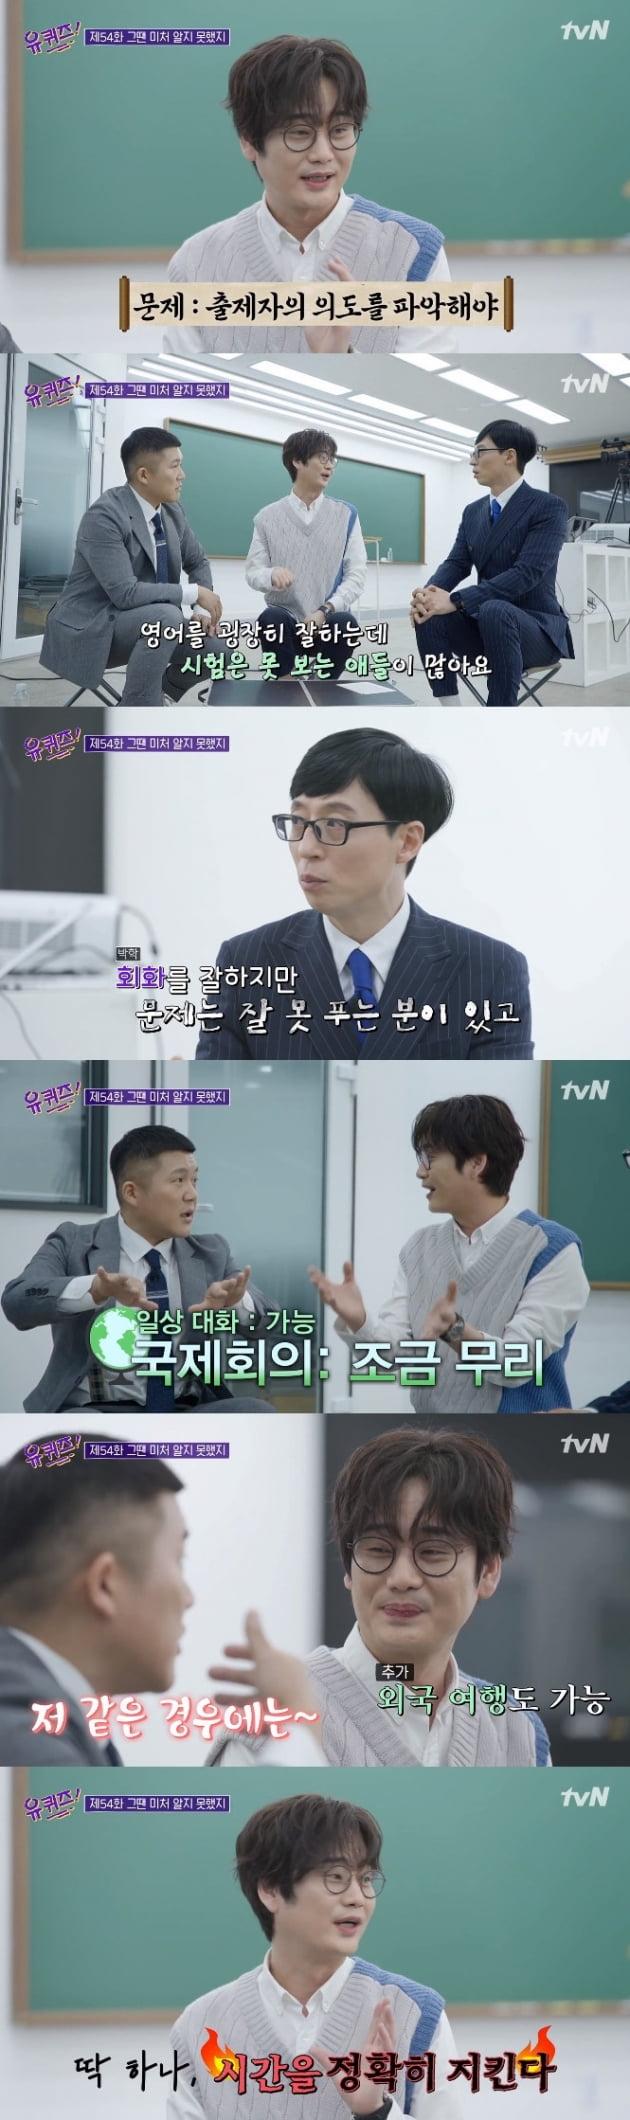 '유 퀴즈 온 더 블럭' 이명학 / 사진 = tvN 영상 캡처